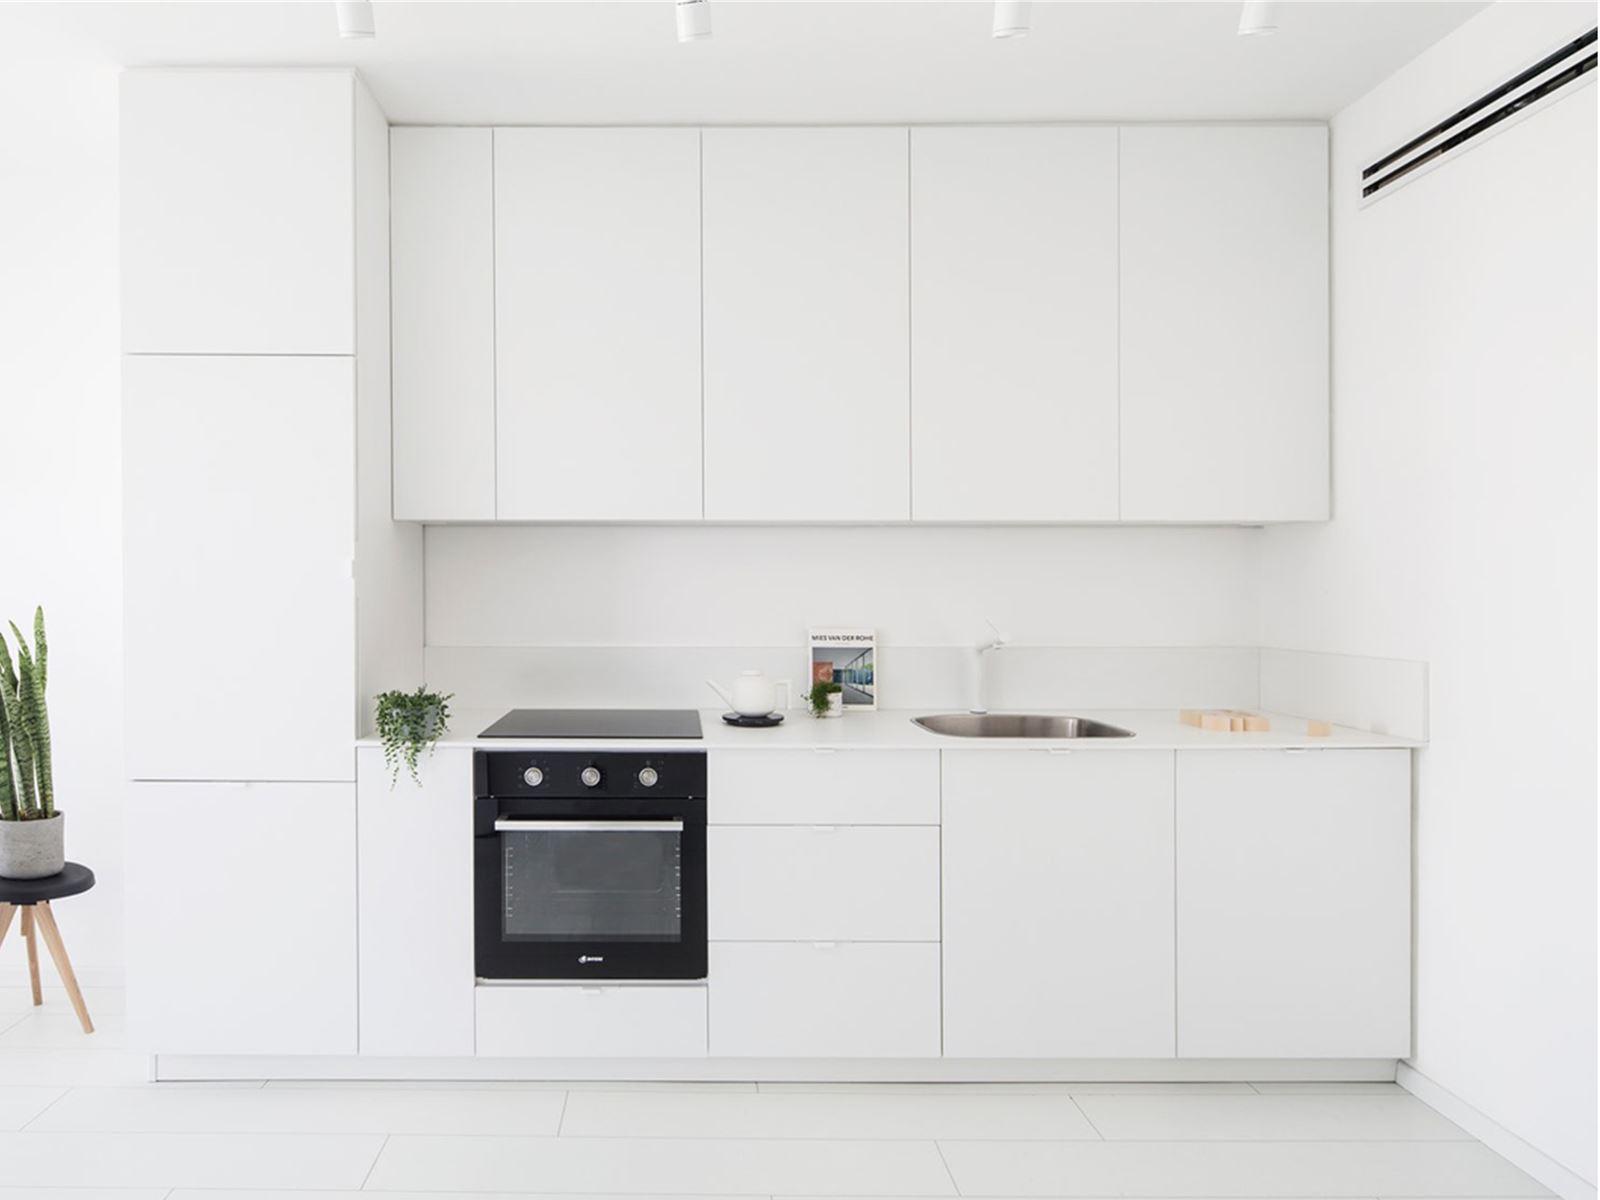 آشپزخانه دیواری - ربوطرح